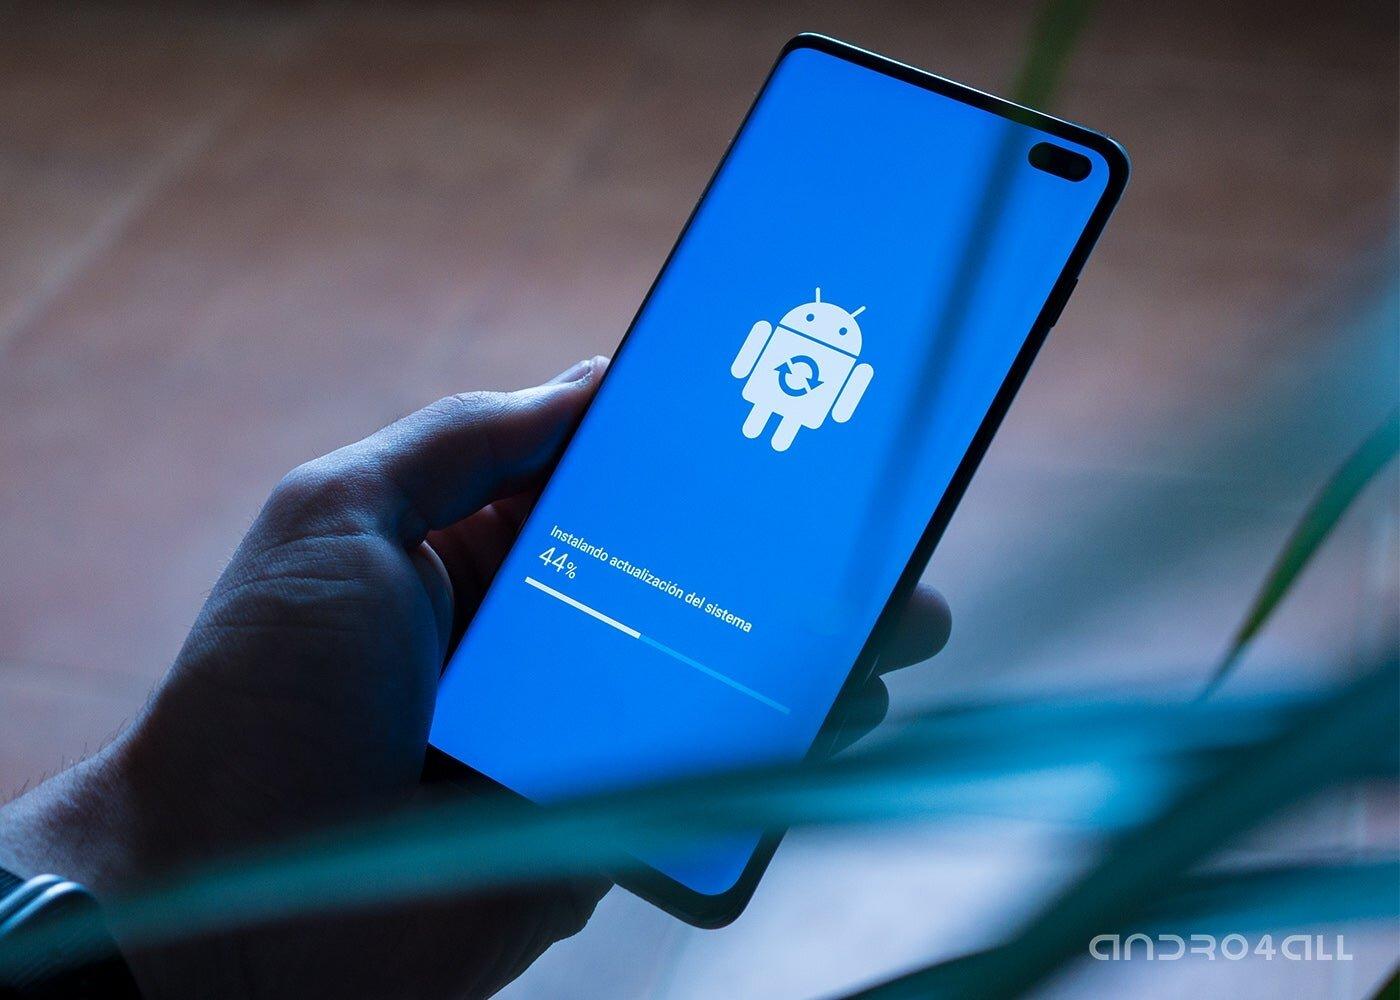 Mise à jour du système sur Samsung Galaxy S10